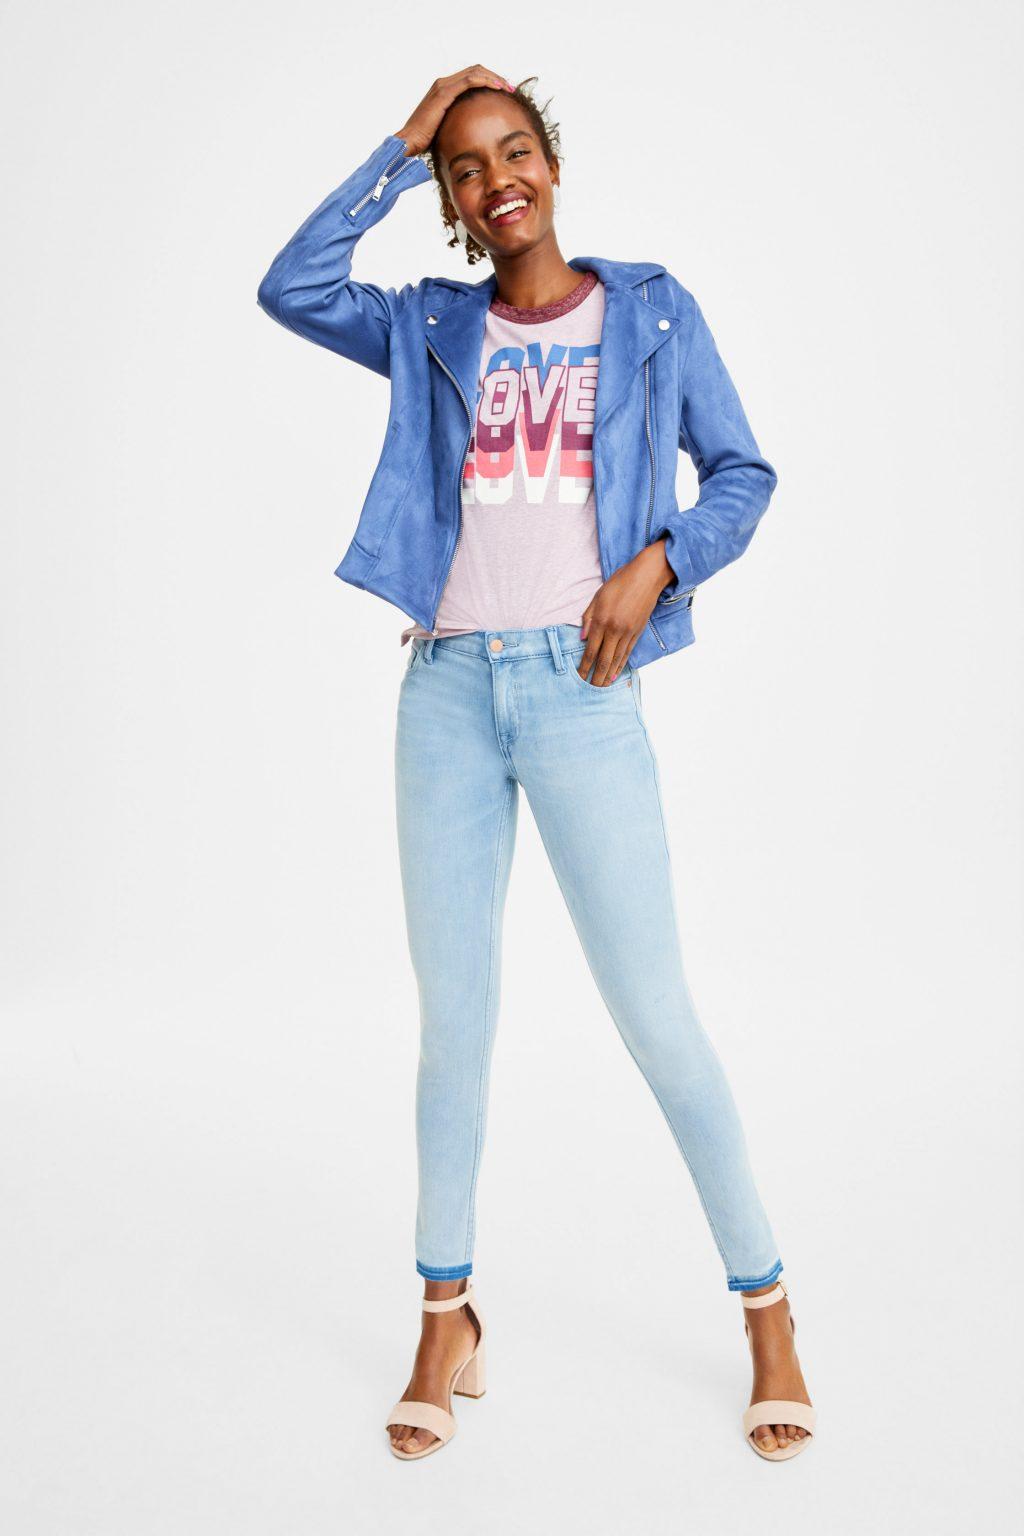 xu hướng quần jeans old navy 1